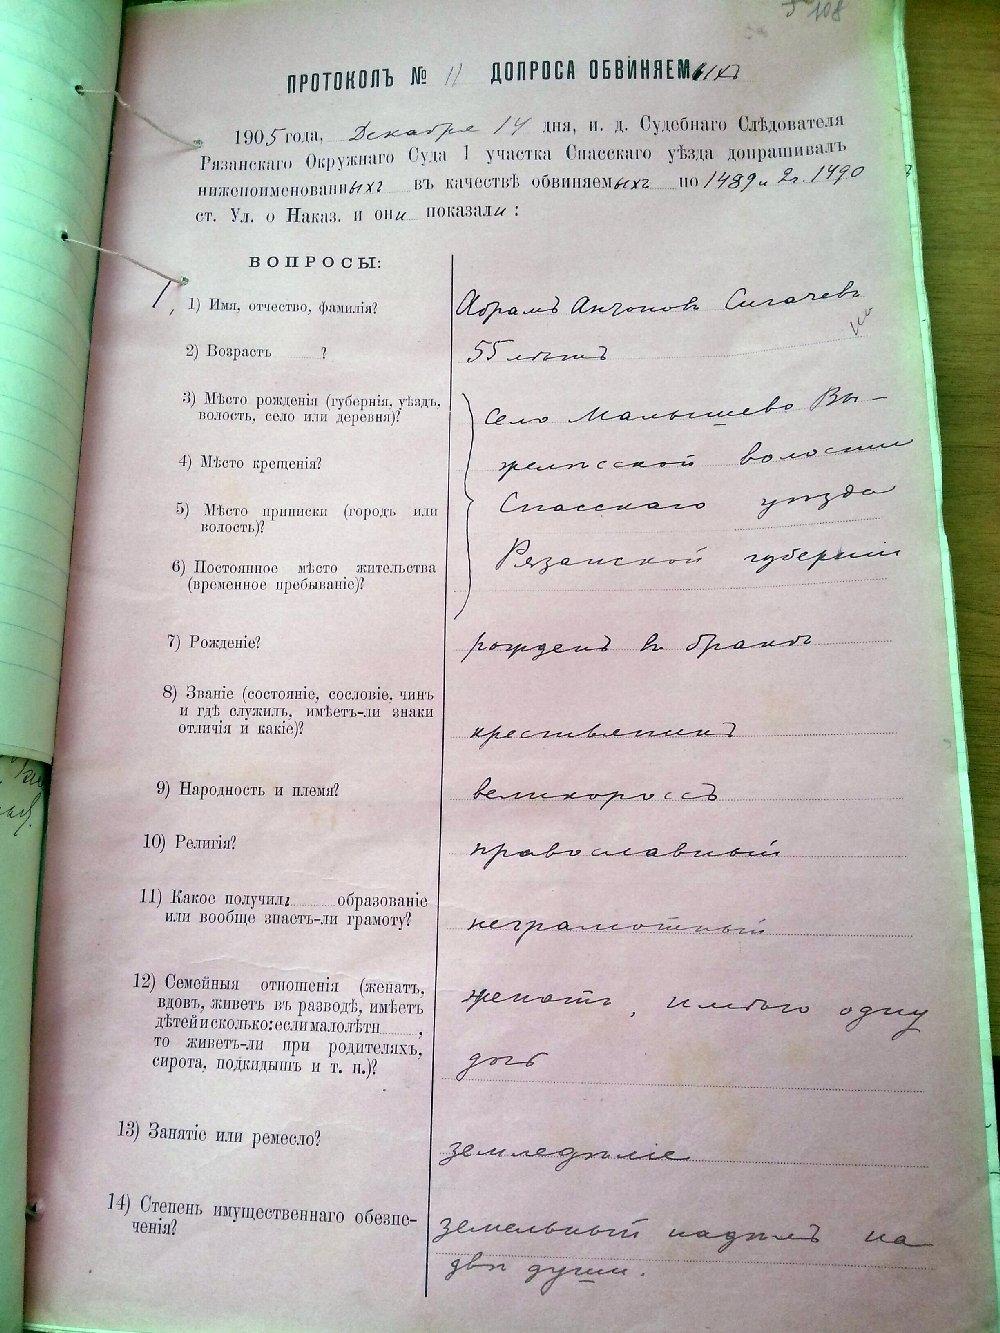 Лист протоколола допроса обвиняемого Абрама Сигачева.